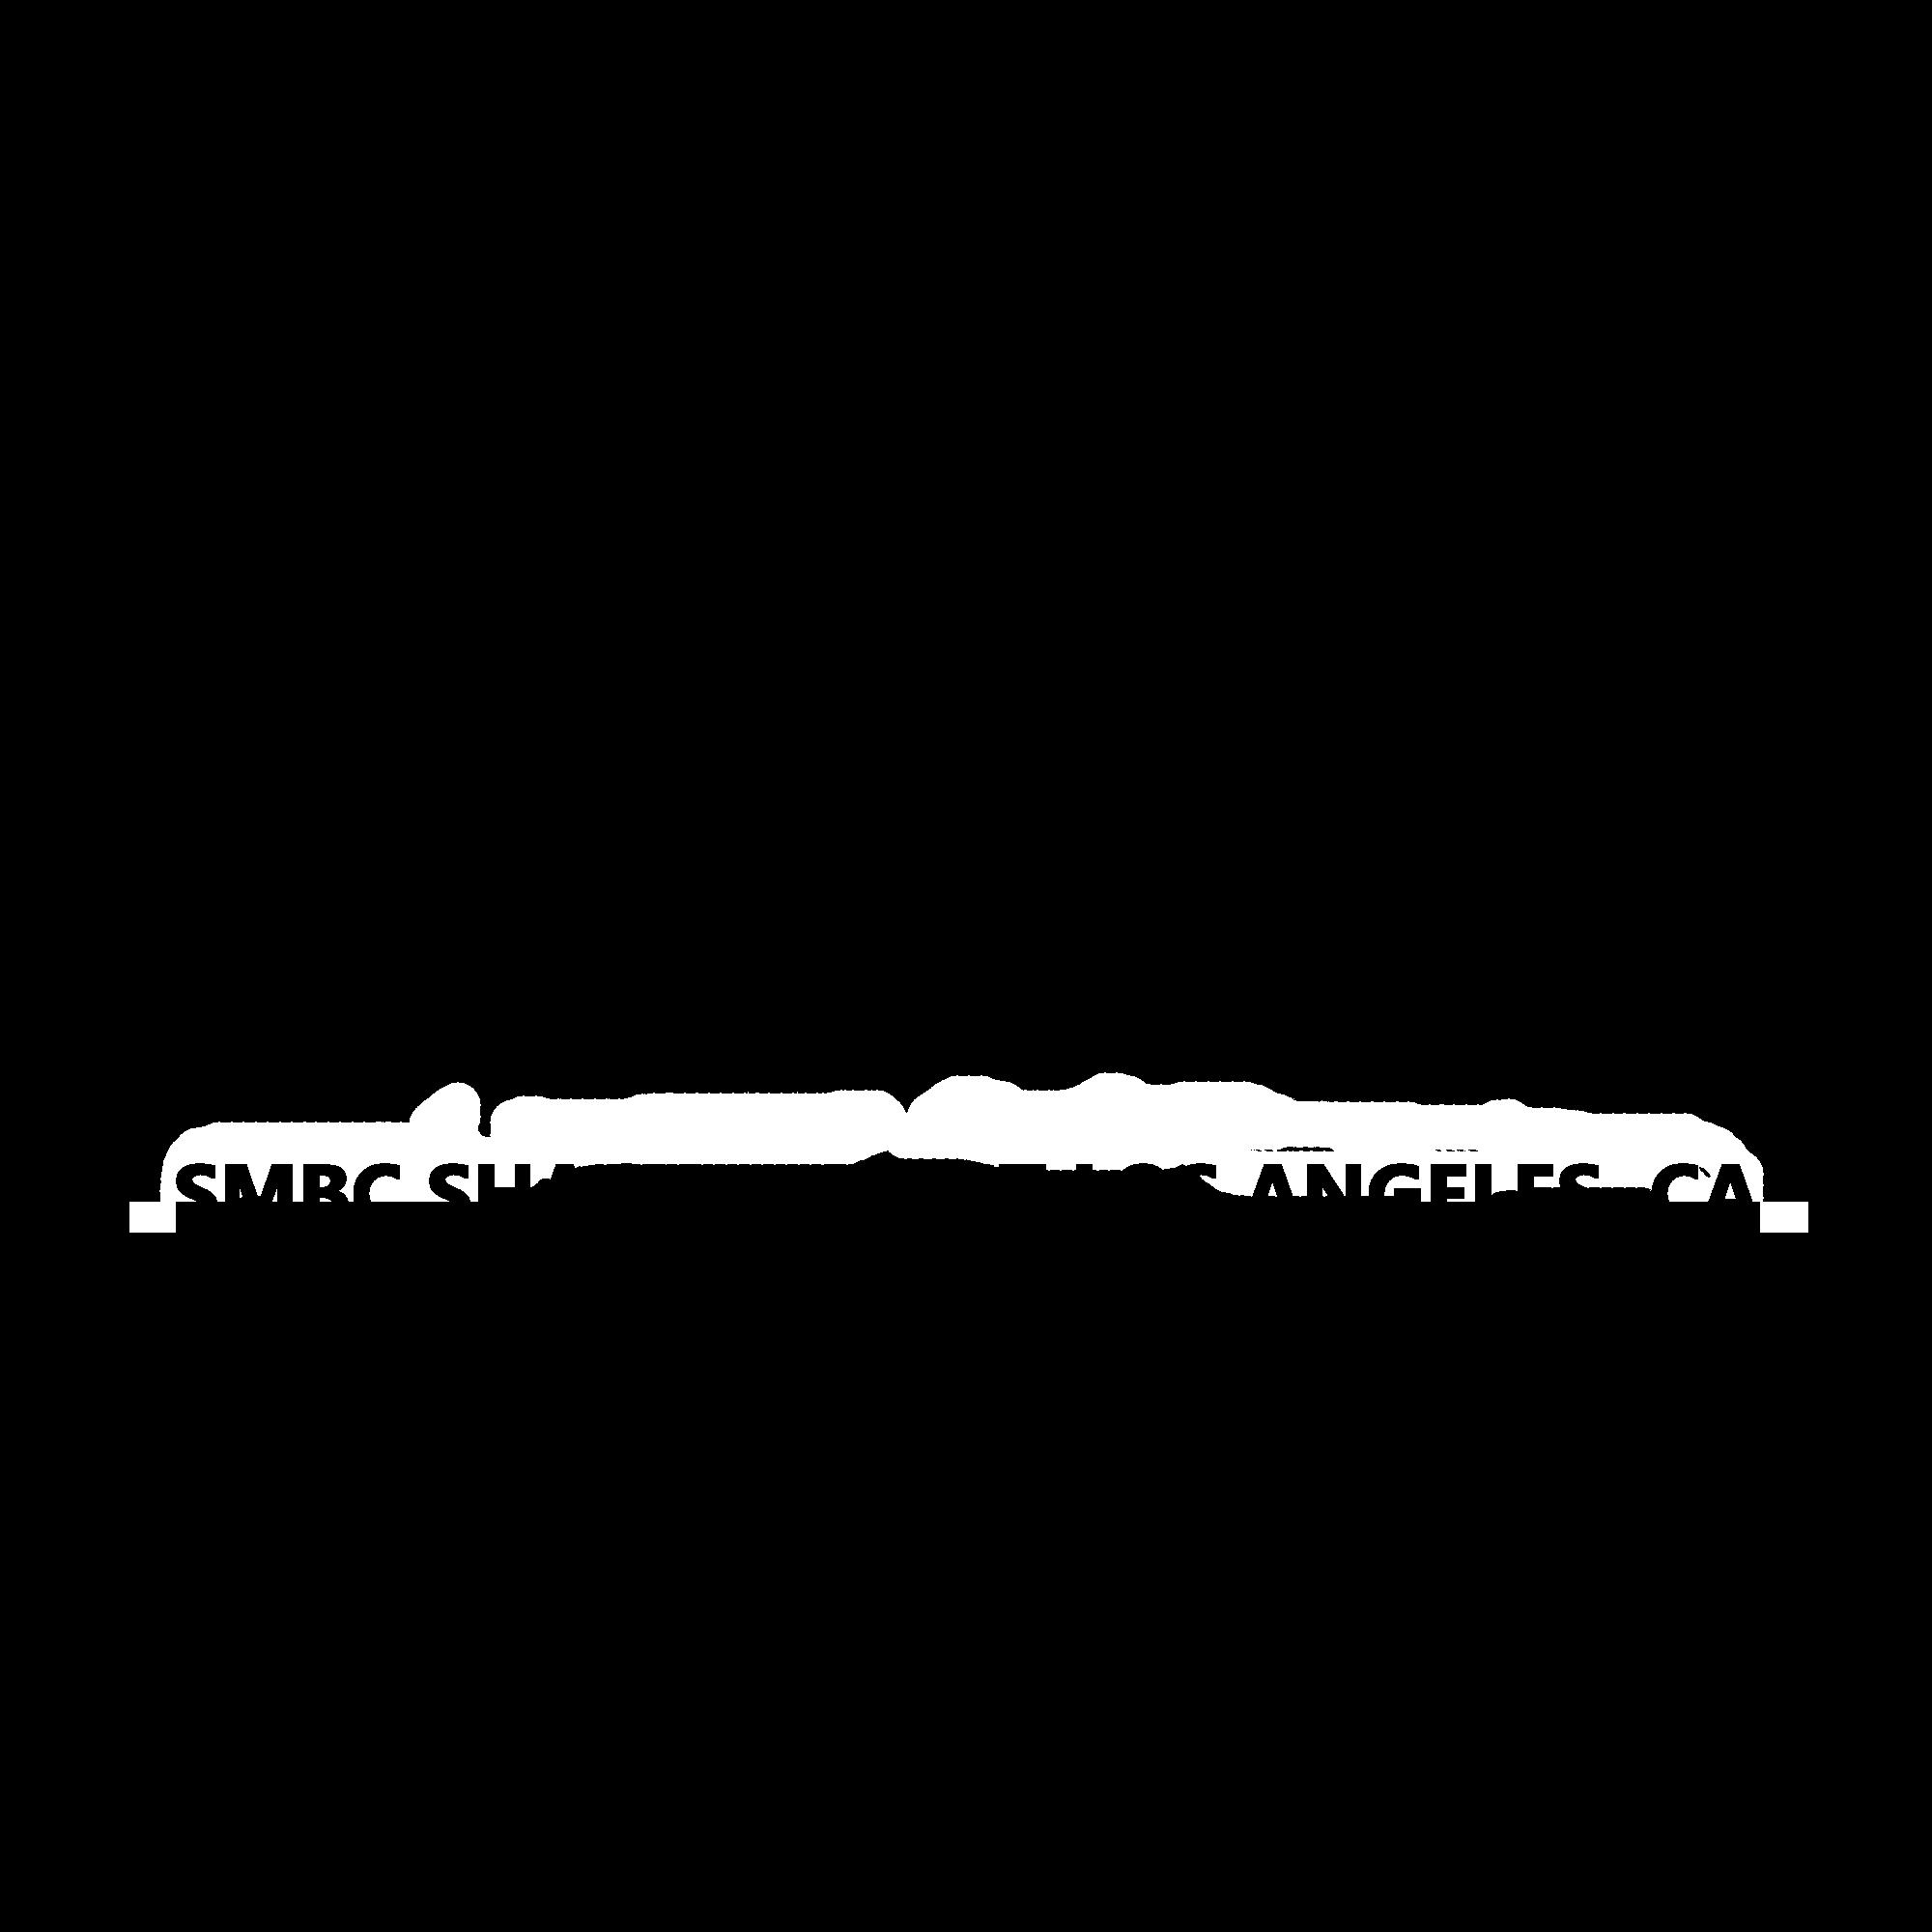 Logo Square - League Apps - Front Page - Smbc Shack